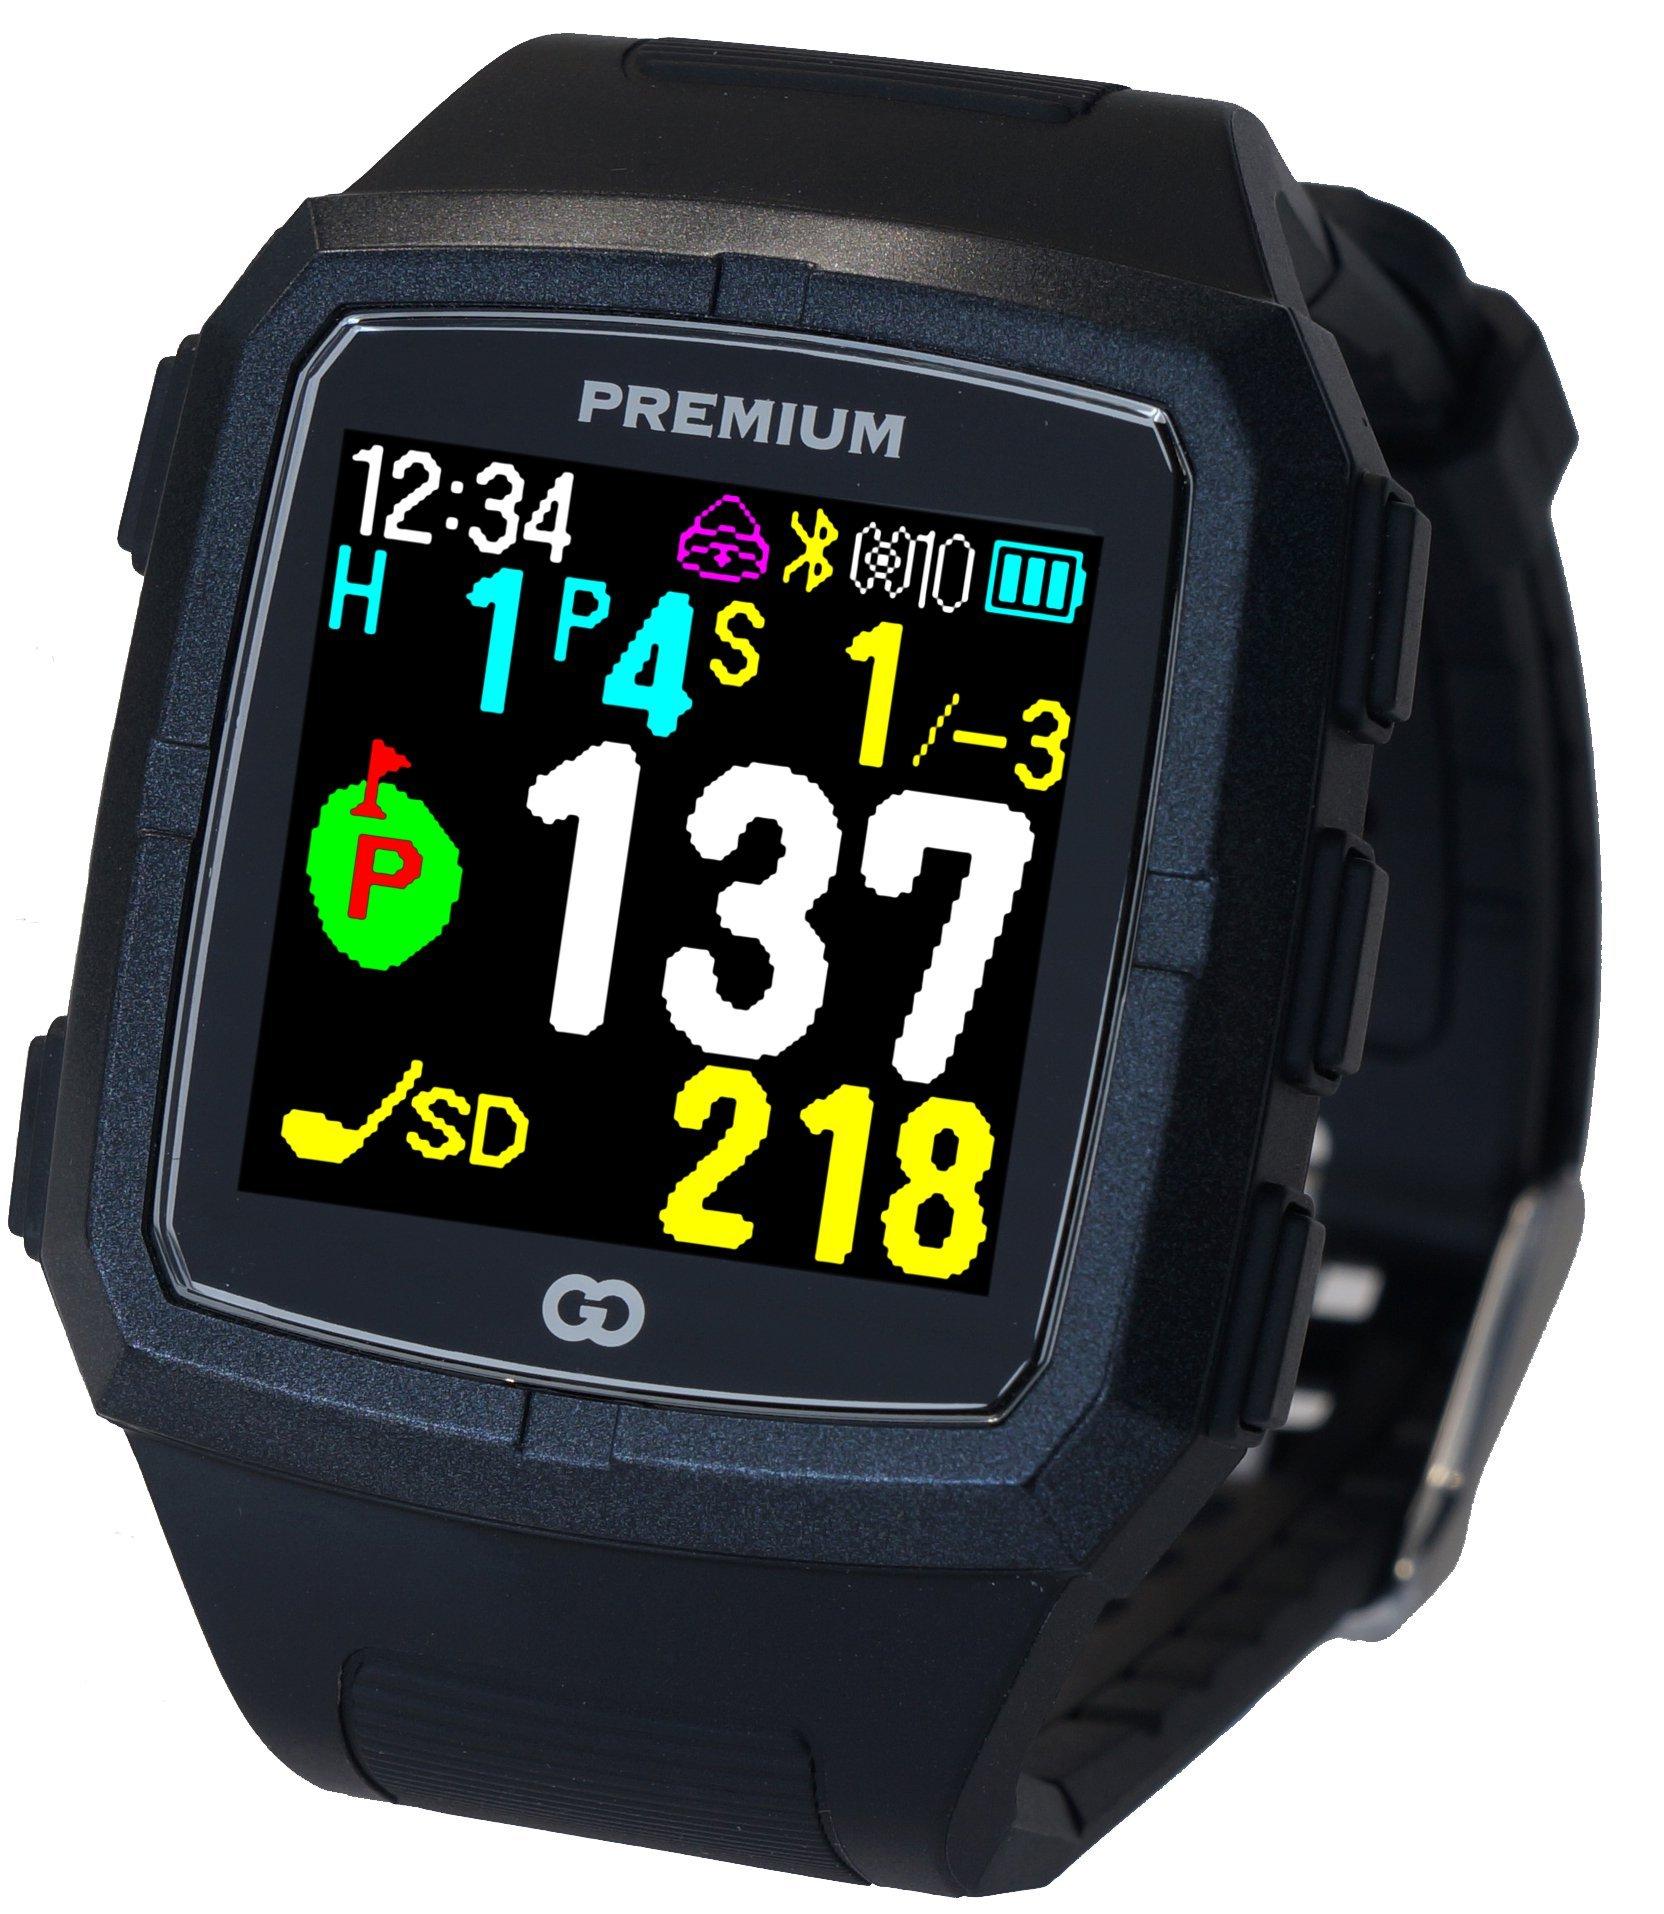 6236cd7edc6bc GreenOn(グリーンオン) ゴルフナビ GPS ザ・ゴルフウォッチ プレミアム カラーモデル[